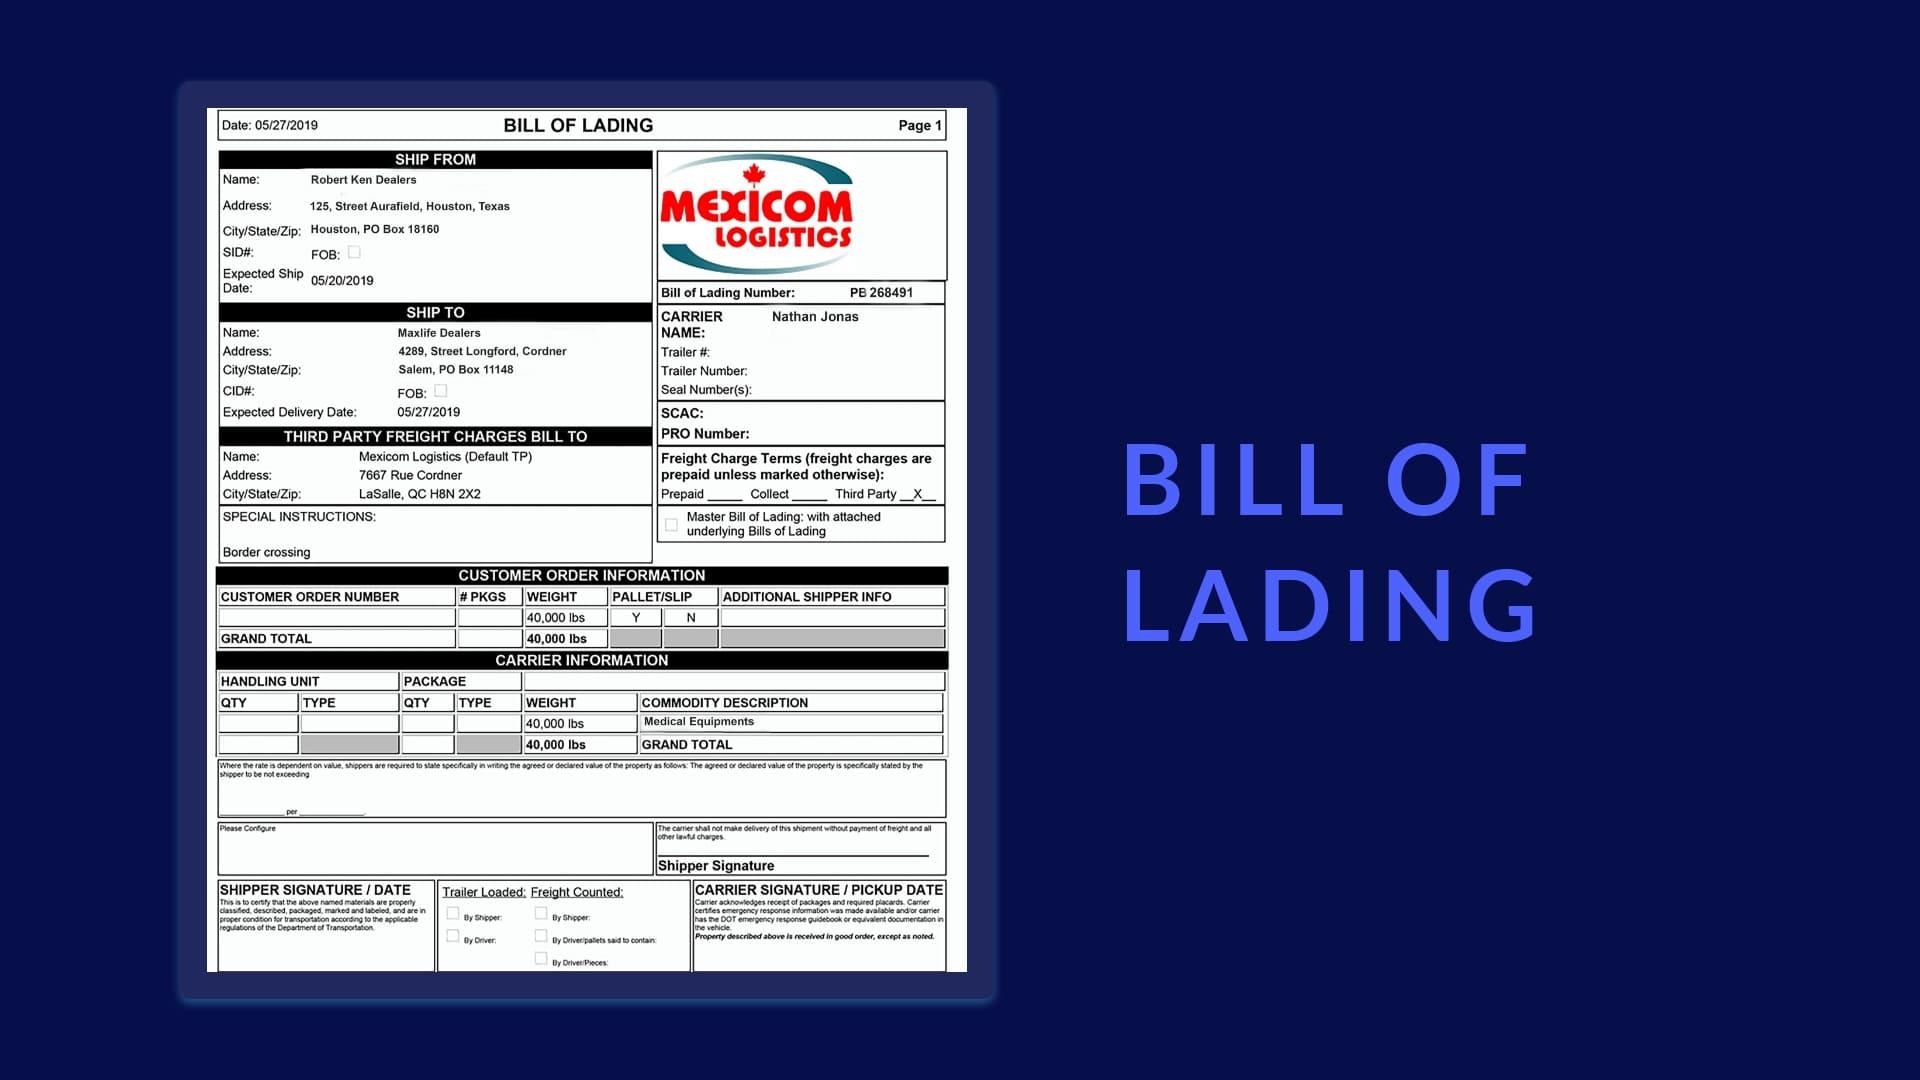 Bill of Lading sample